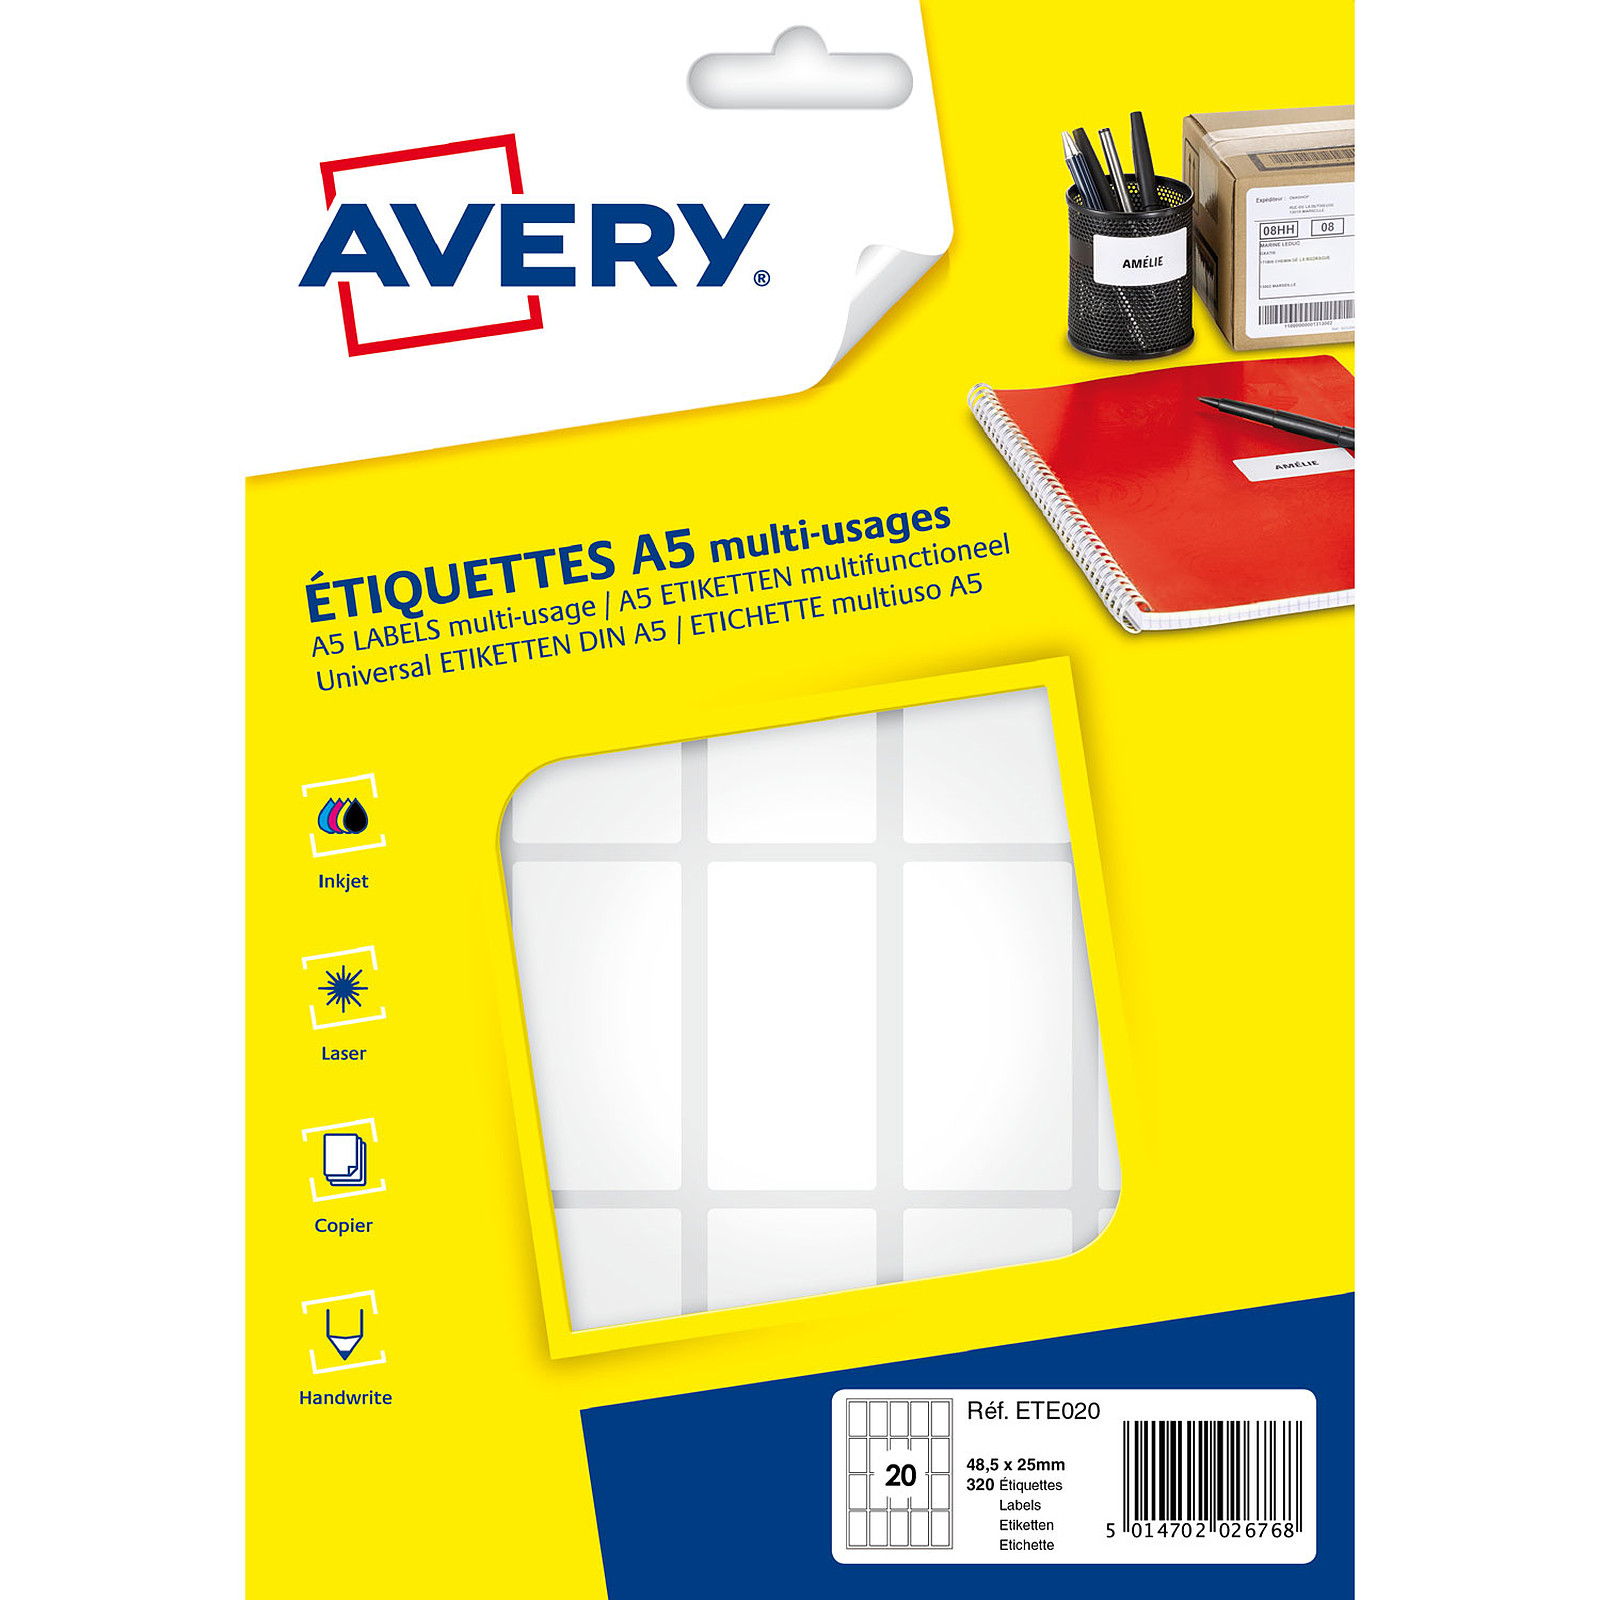 Avery Etiquettes de bureau multi-usages 48.5 x 25 mm x 320